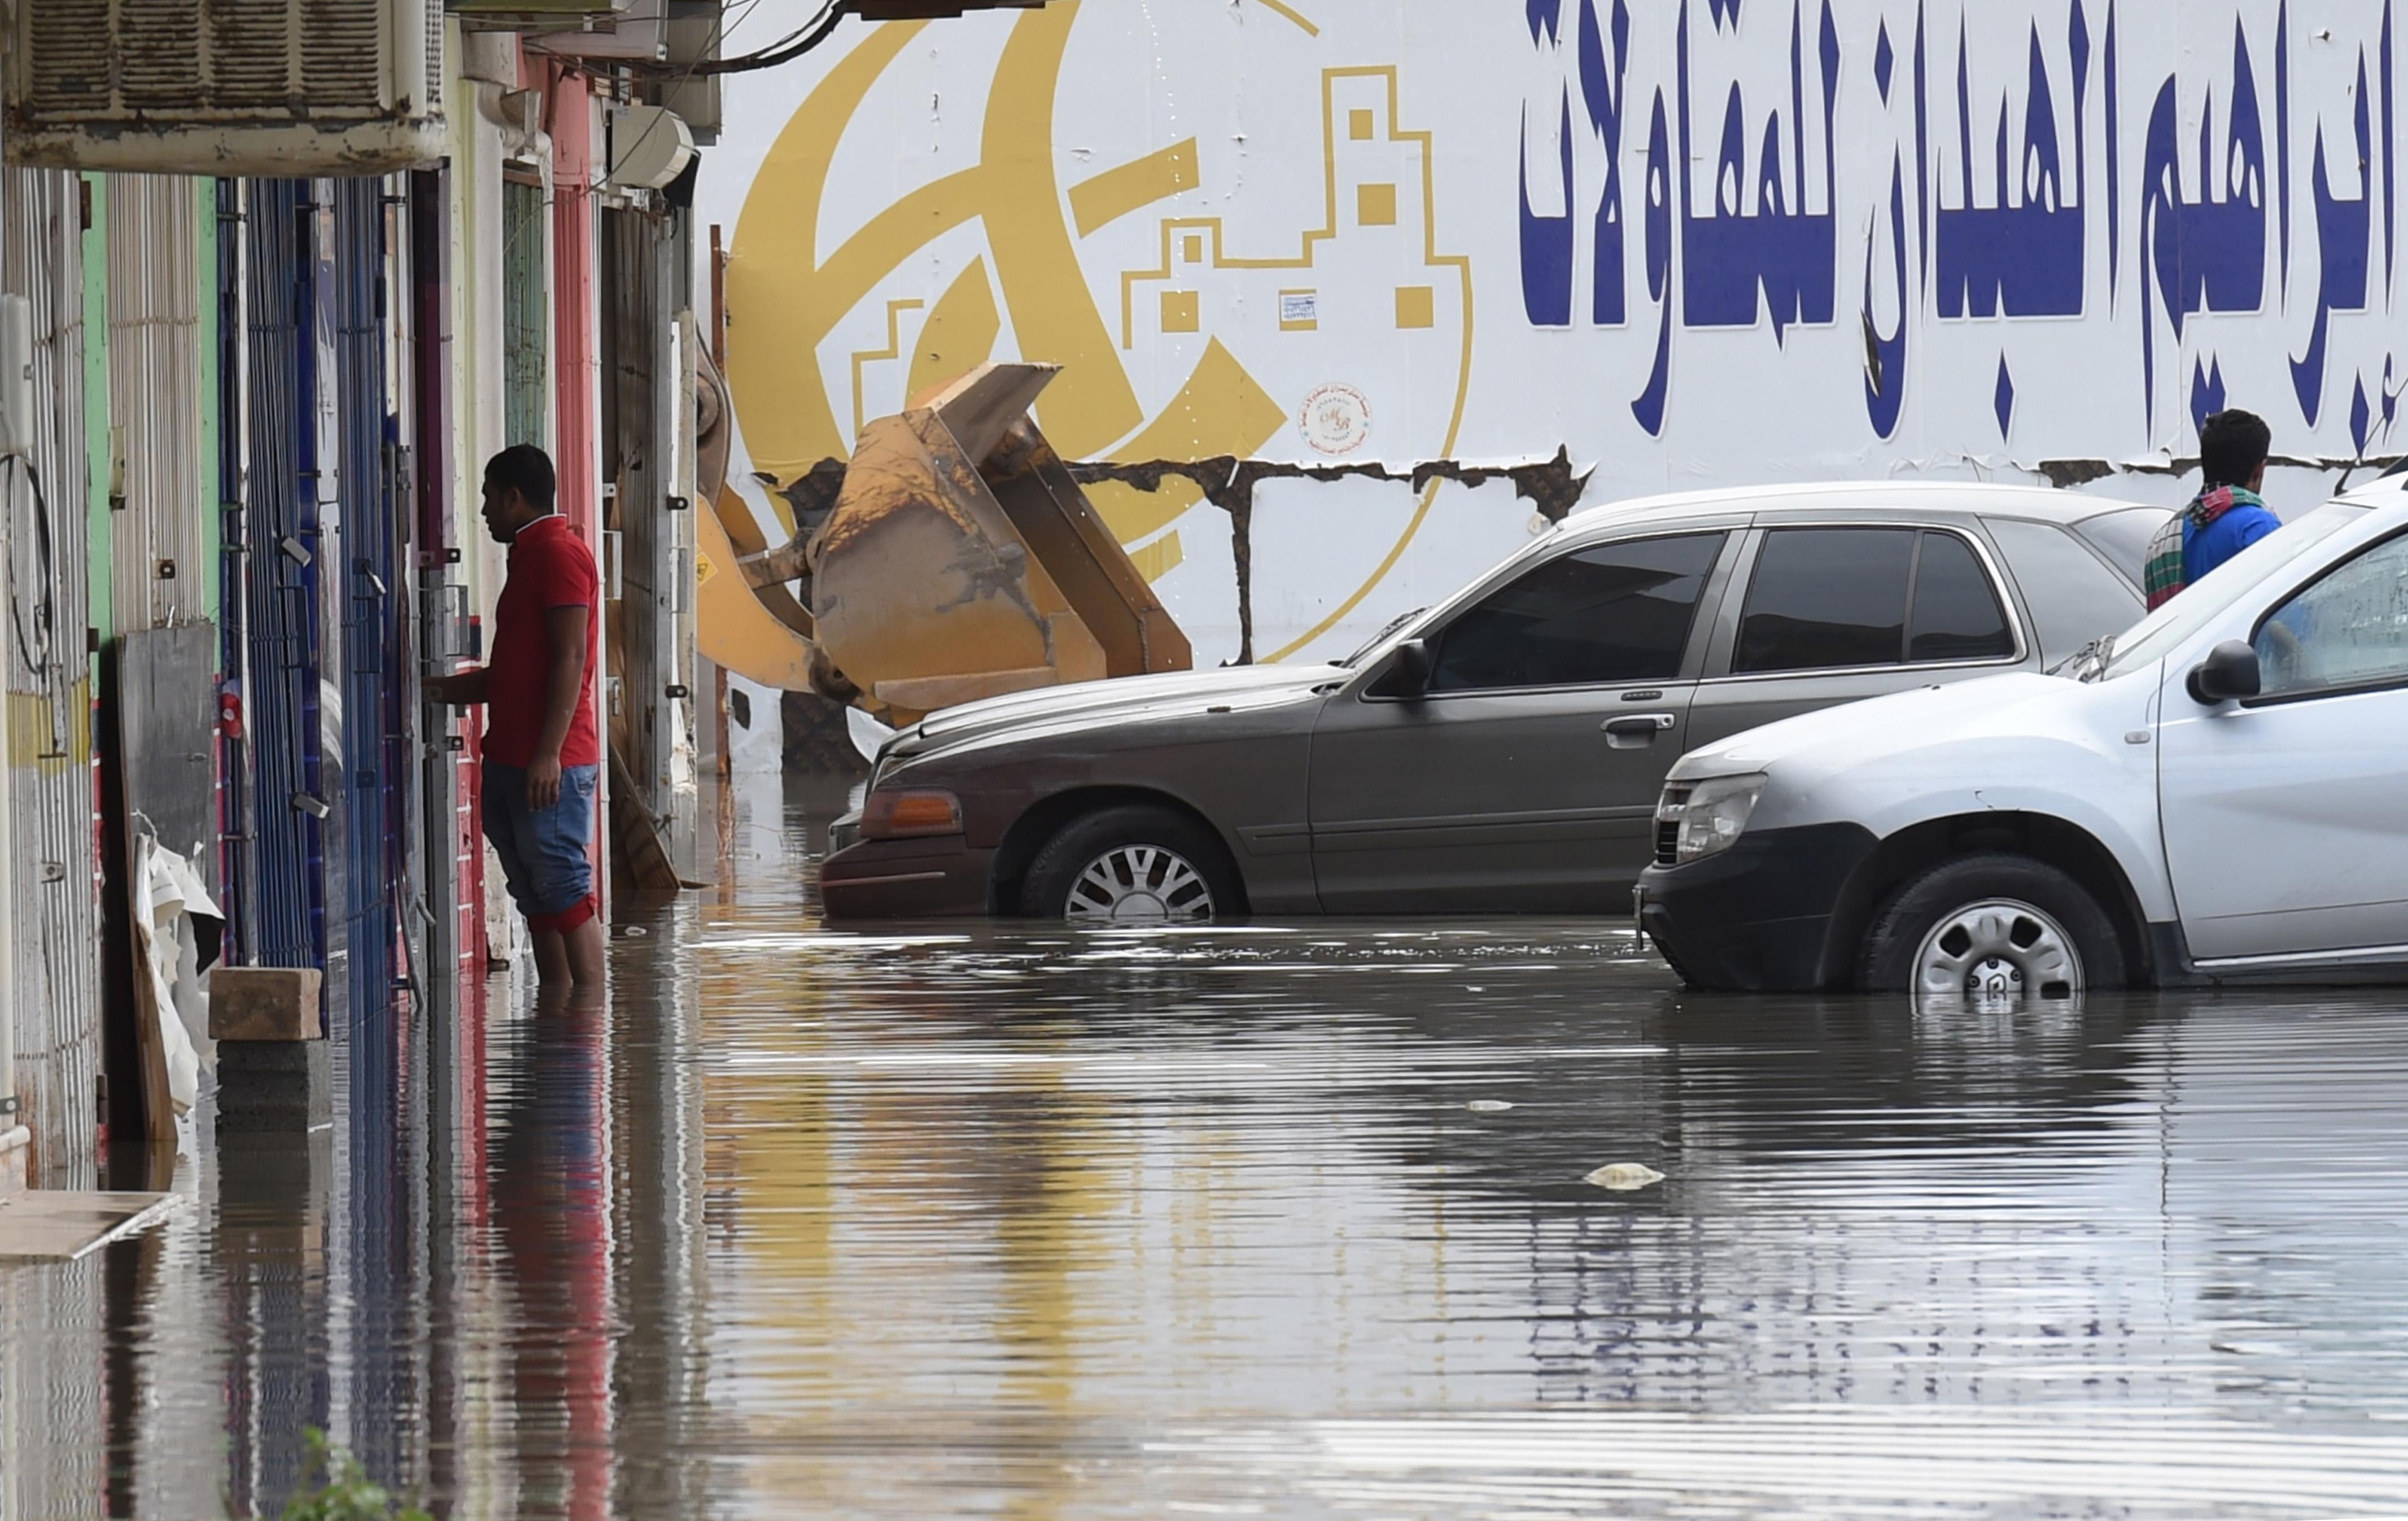 حاصرت السيول العديد الشوارع الرئيسية في الرياض